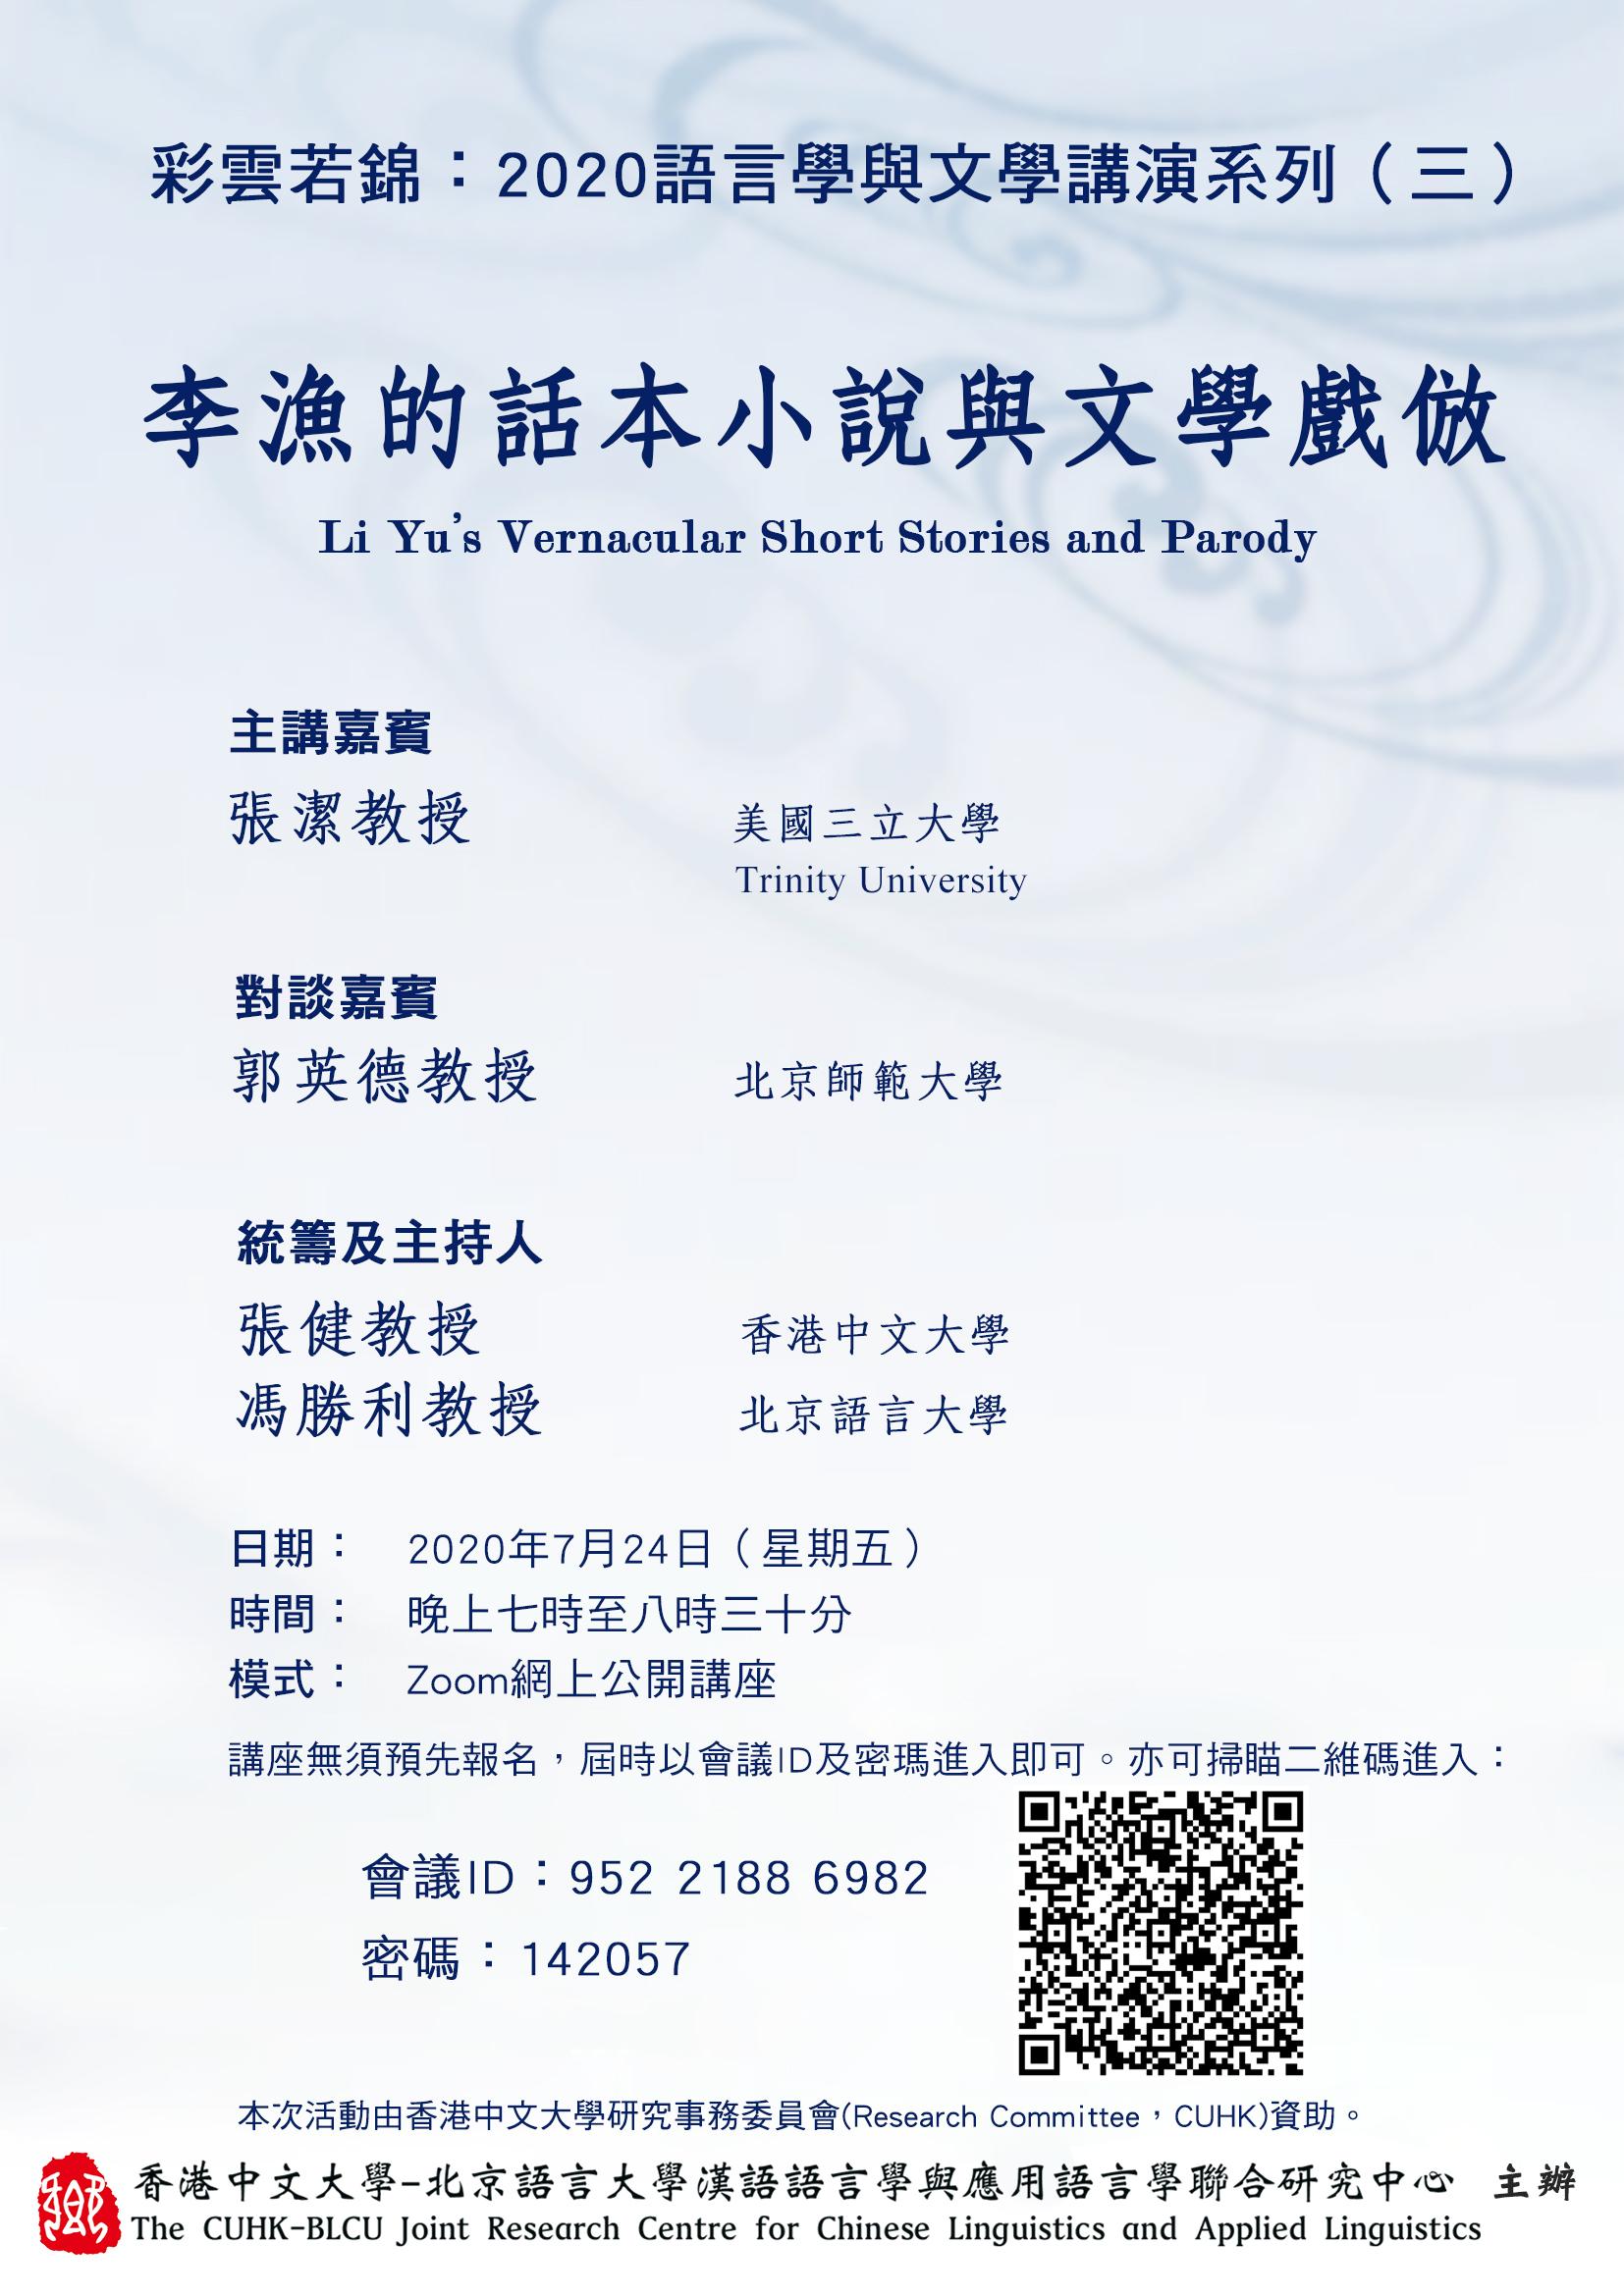 prof.zhang jie